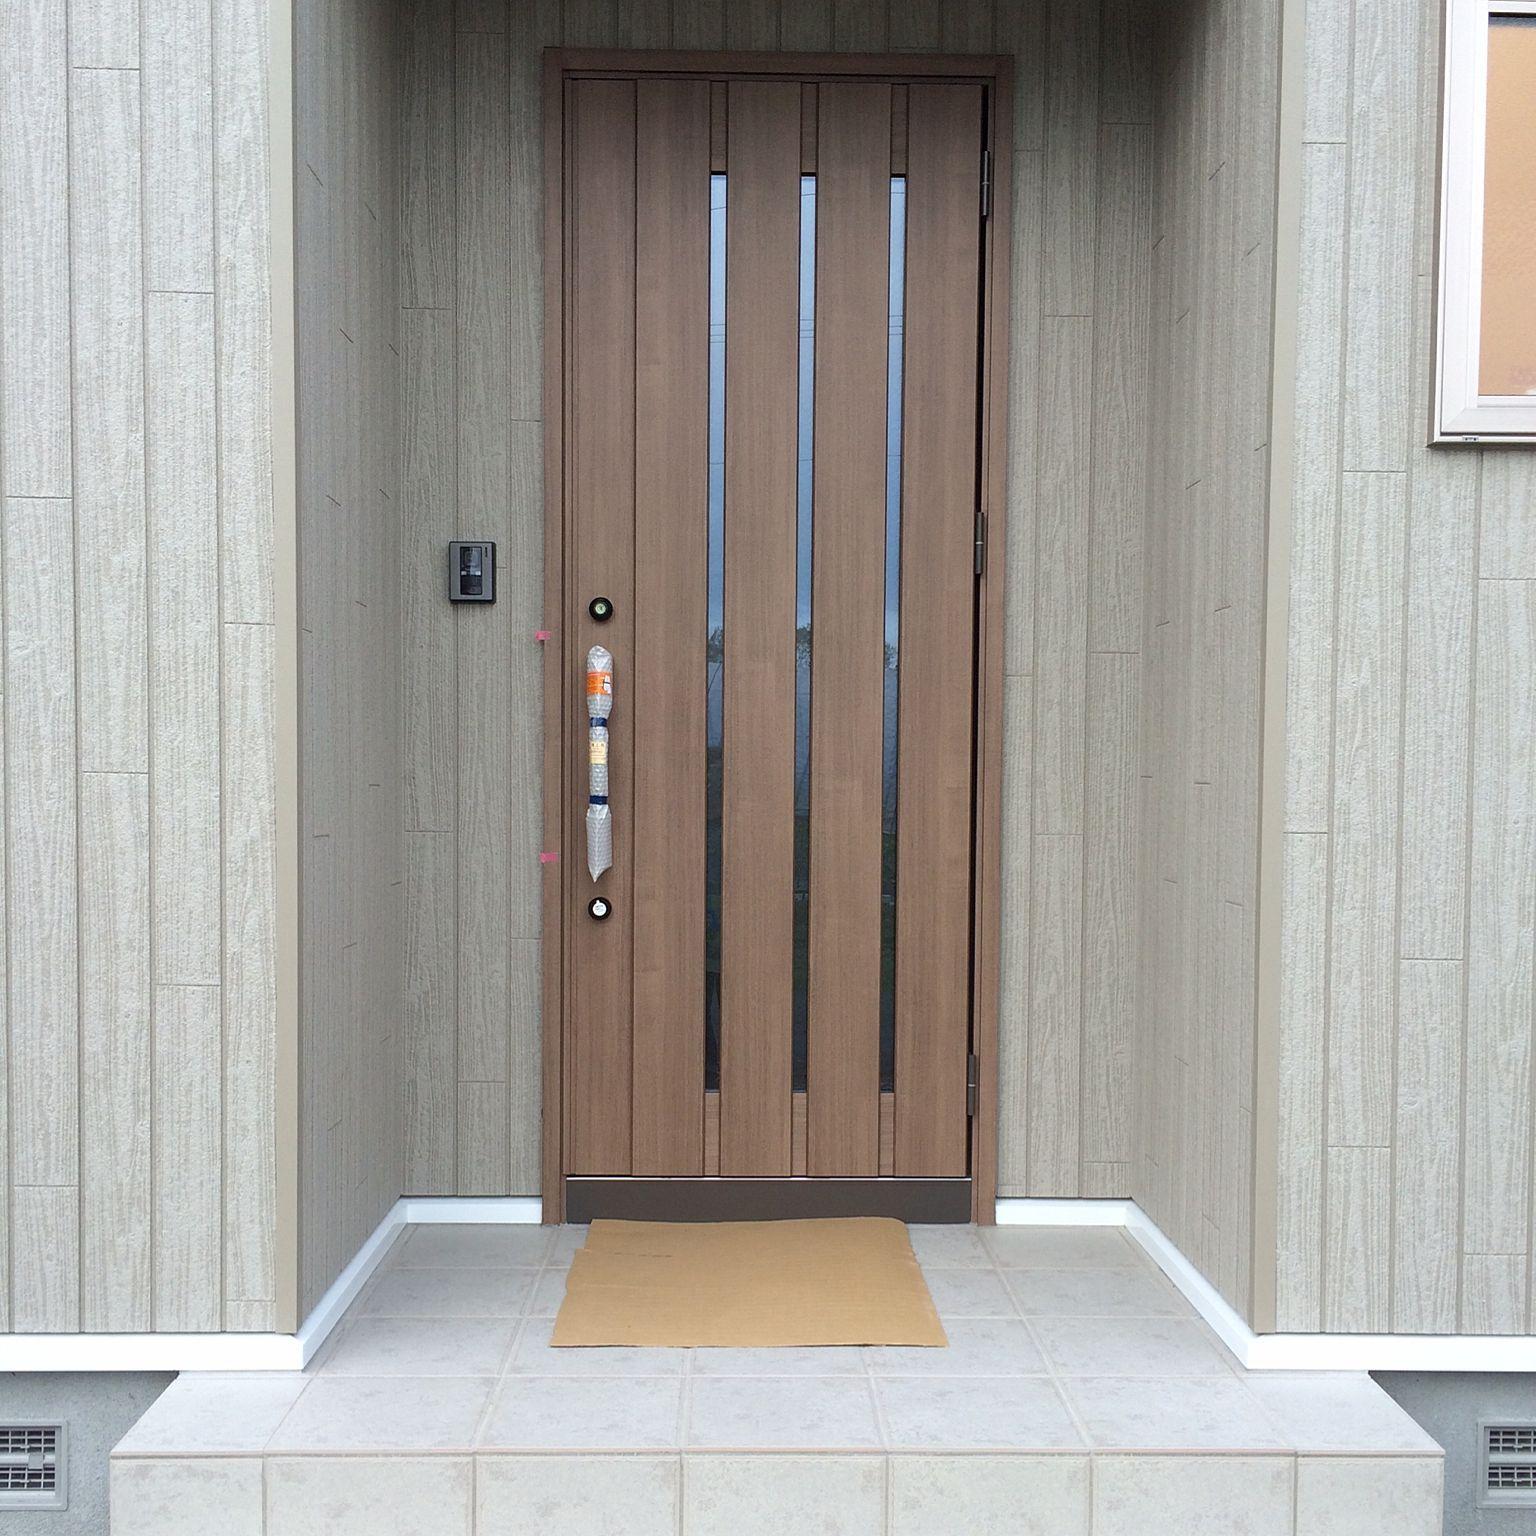 玄関 入り口 チェスナット リクシルの玄関ドア マイホーム記録のインテリア実例 2016 09 20 21 23 54 Roomclip ルームクリップ 玄関ドア 現代的な玄関ドア 玄関ドア リクシル